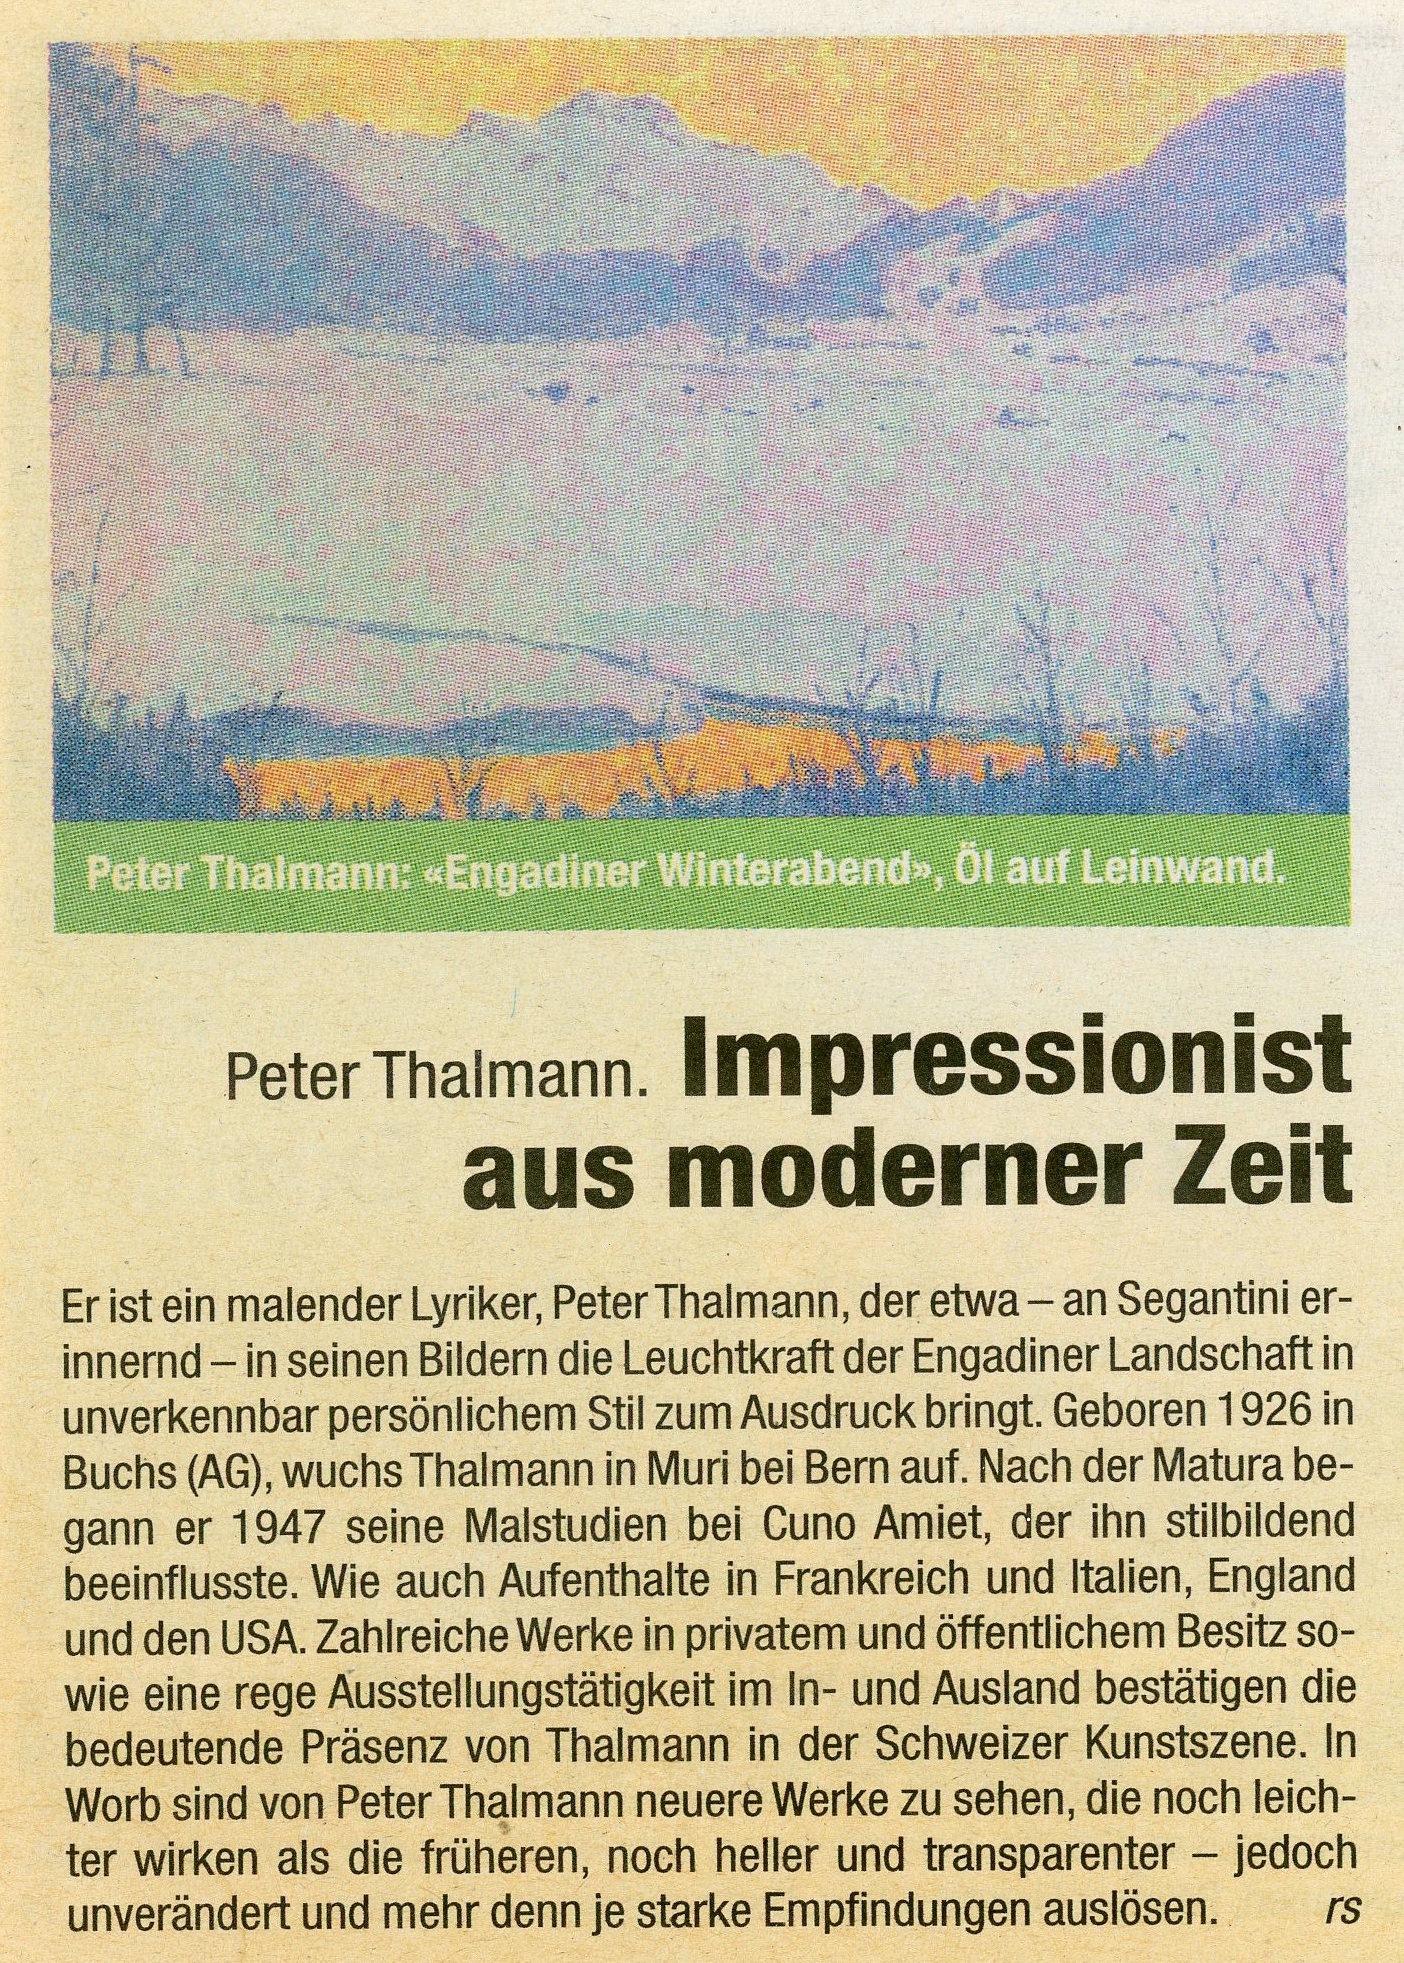 2002, Worb, Zeitungsbericht